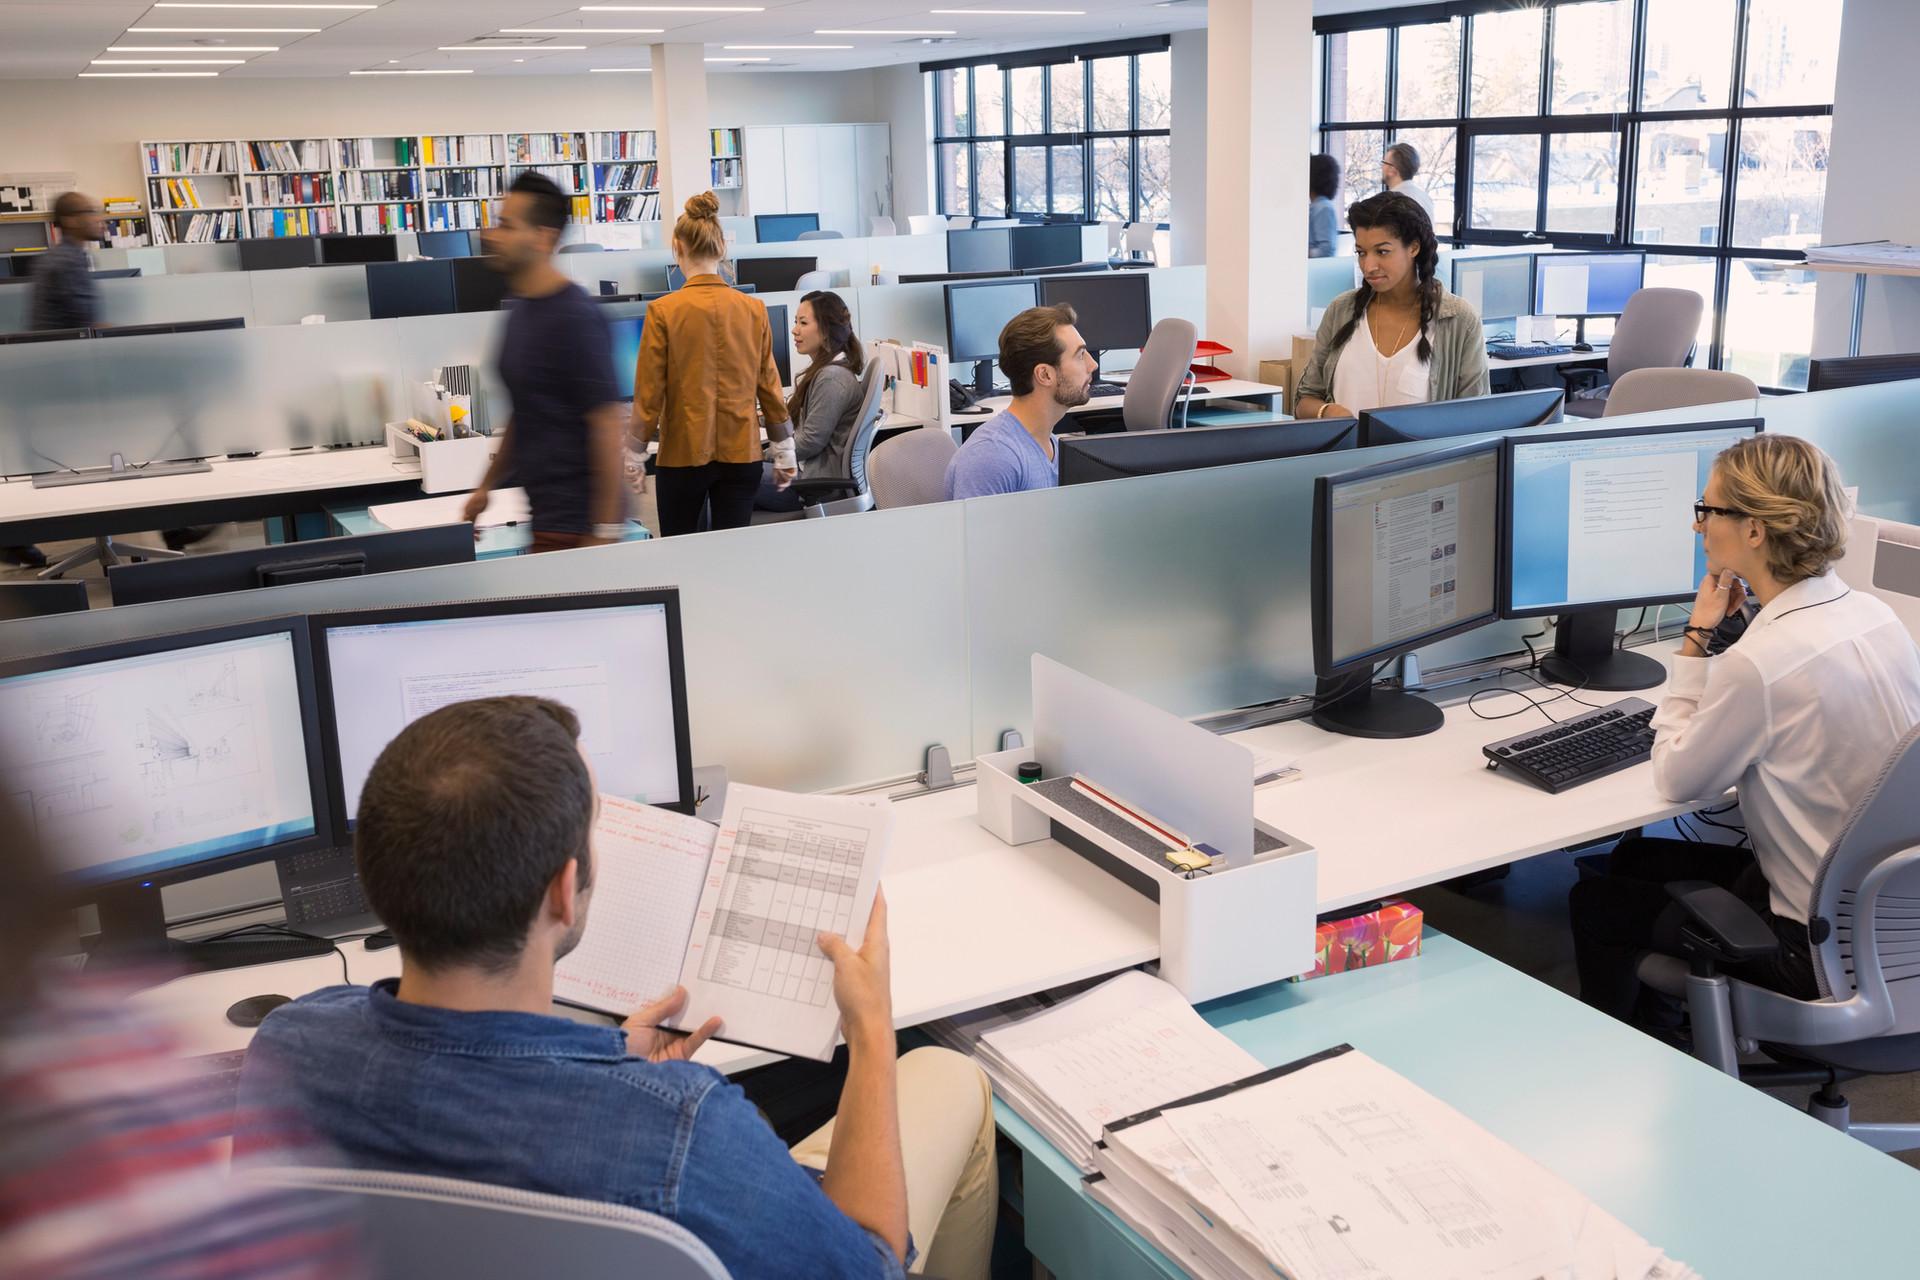 Las personas que trabajan en oficina abi